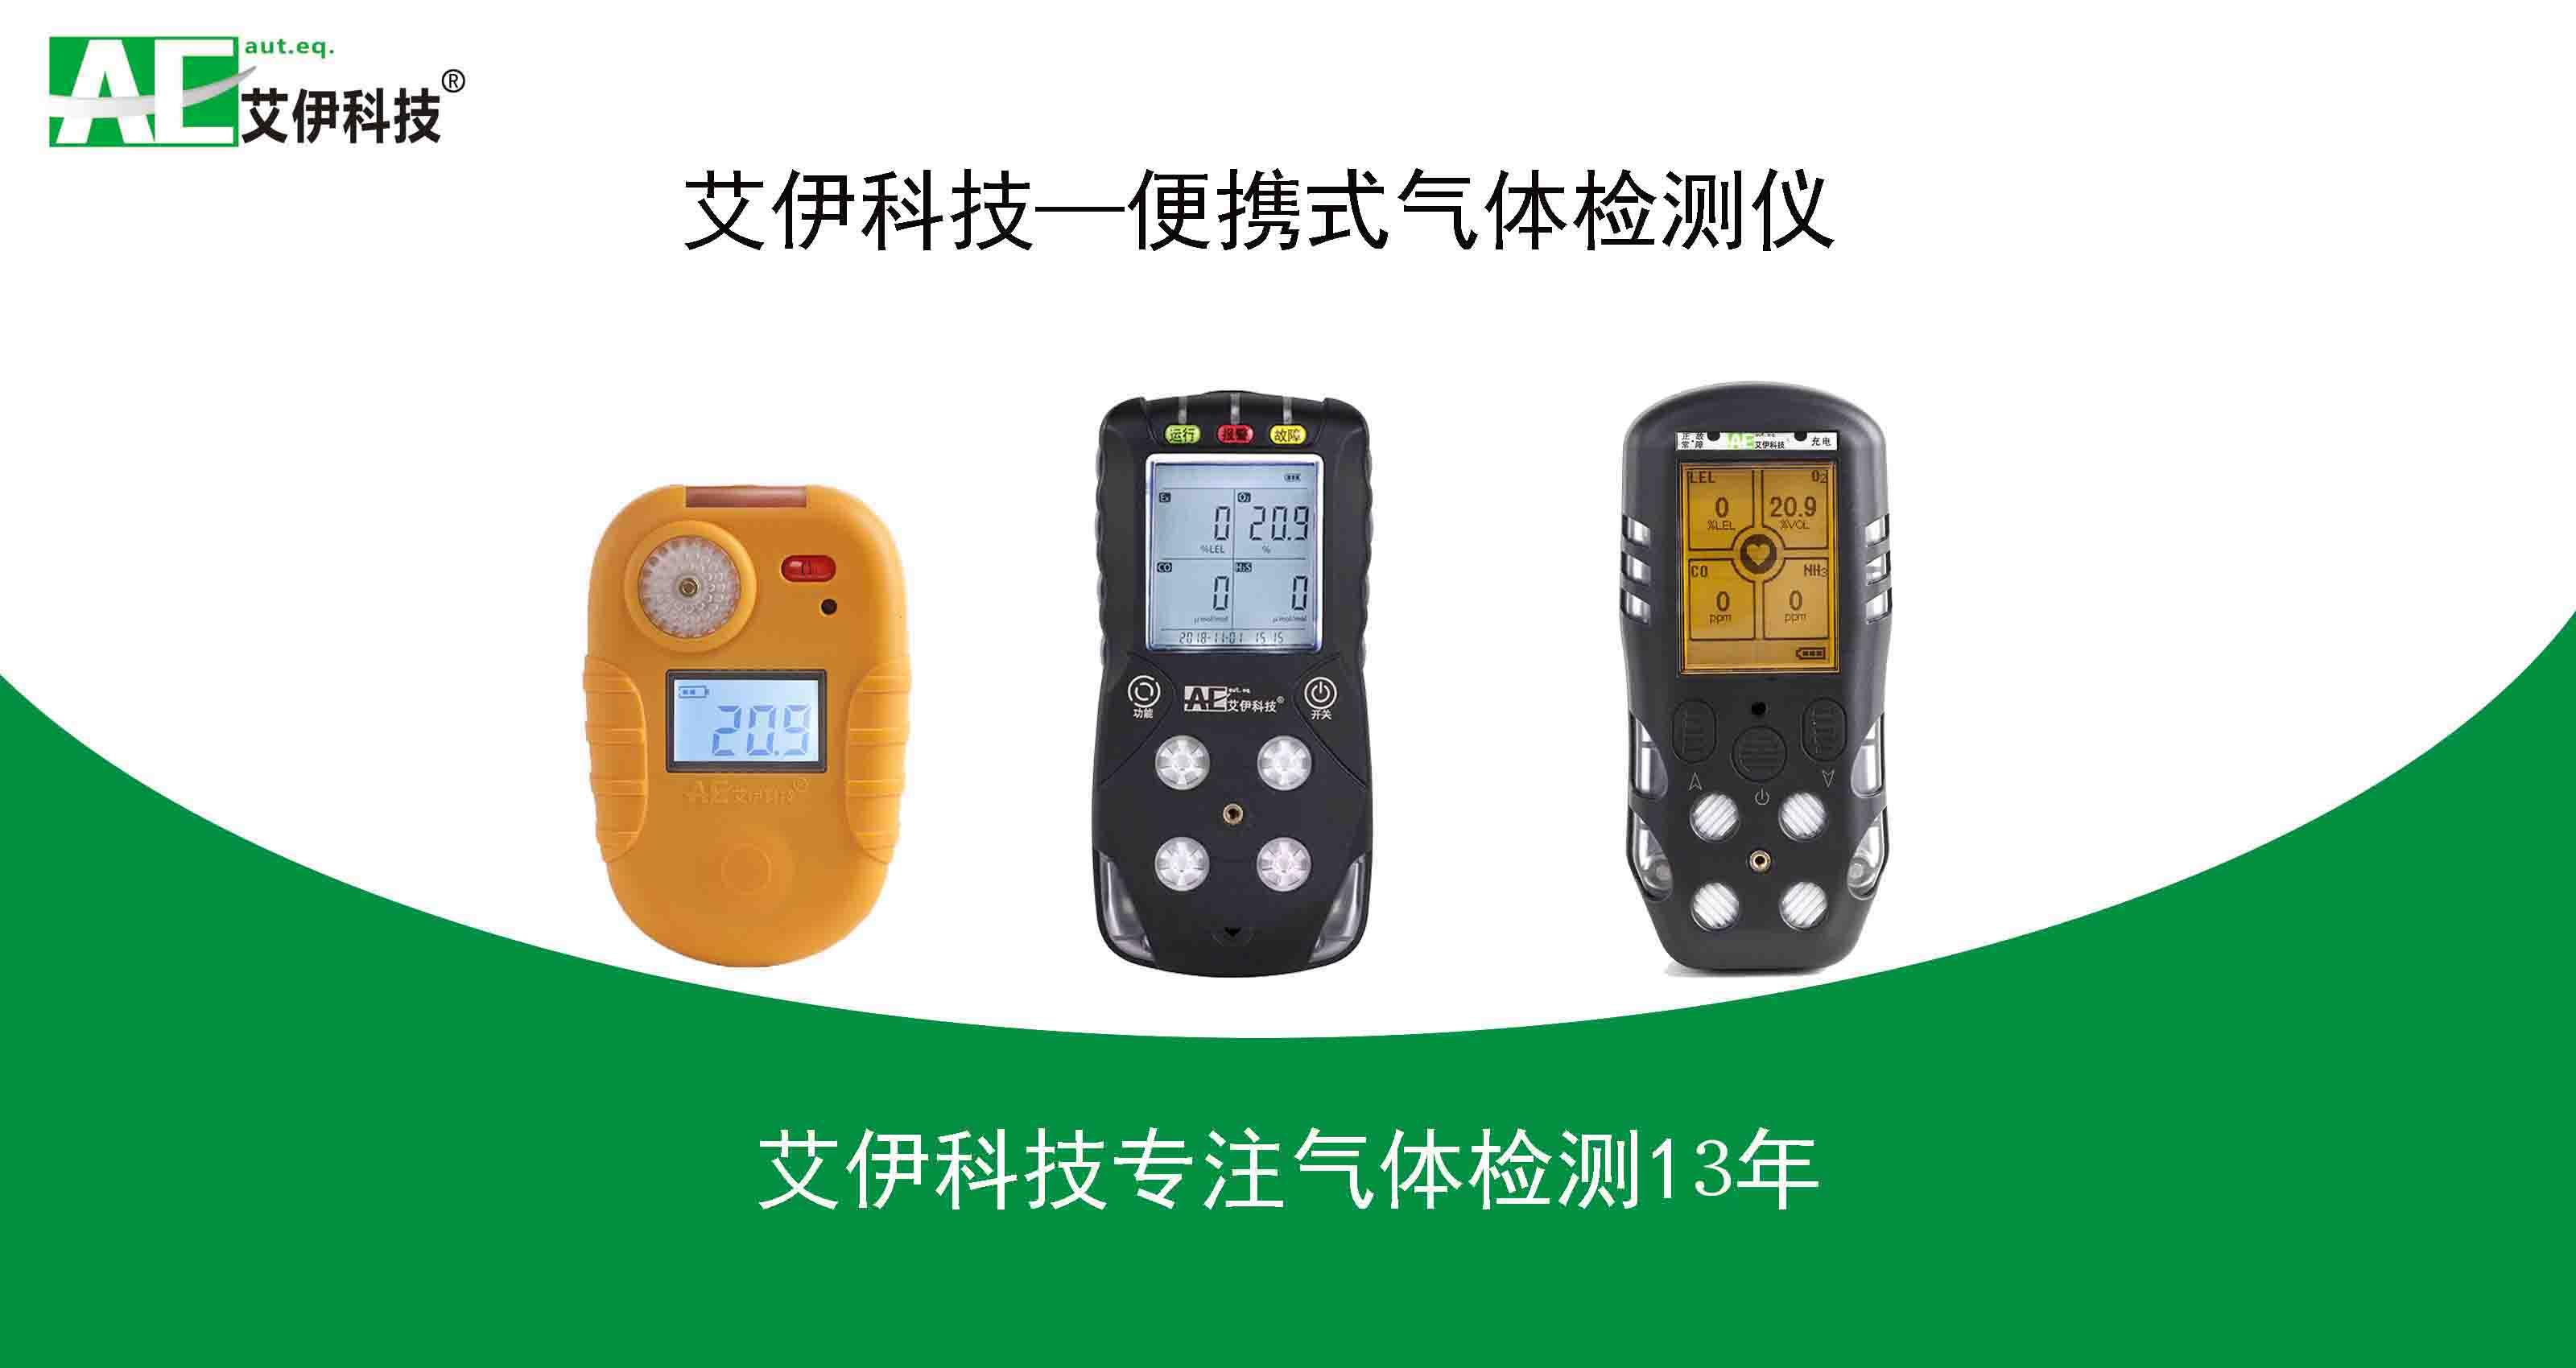 关于有限空间佩戴便携式气体检测仪的重要性